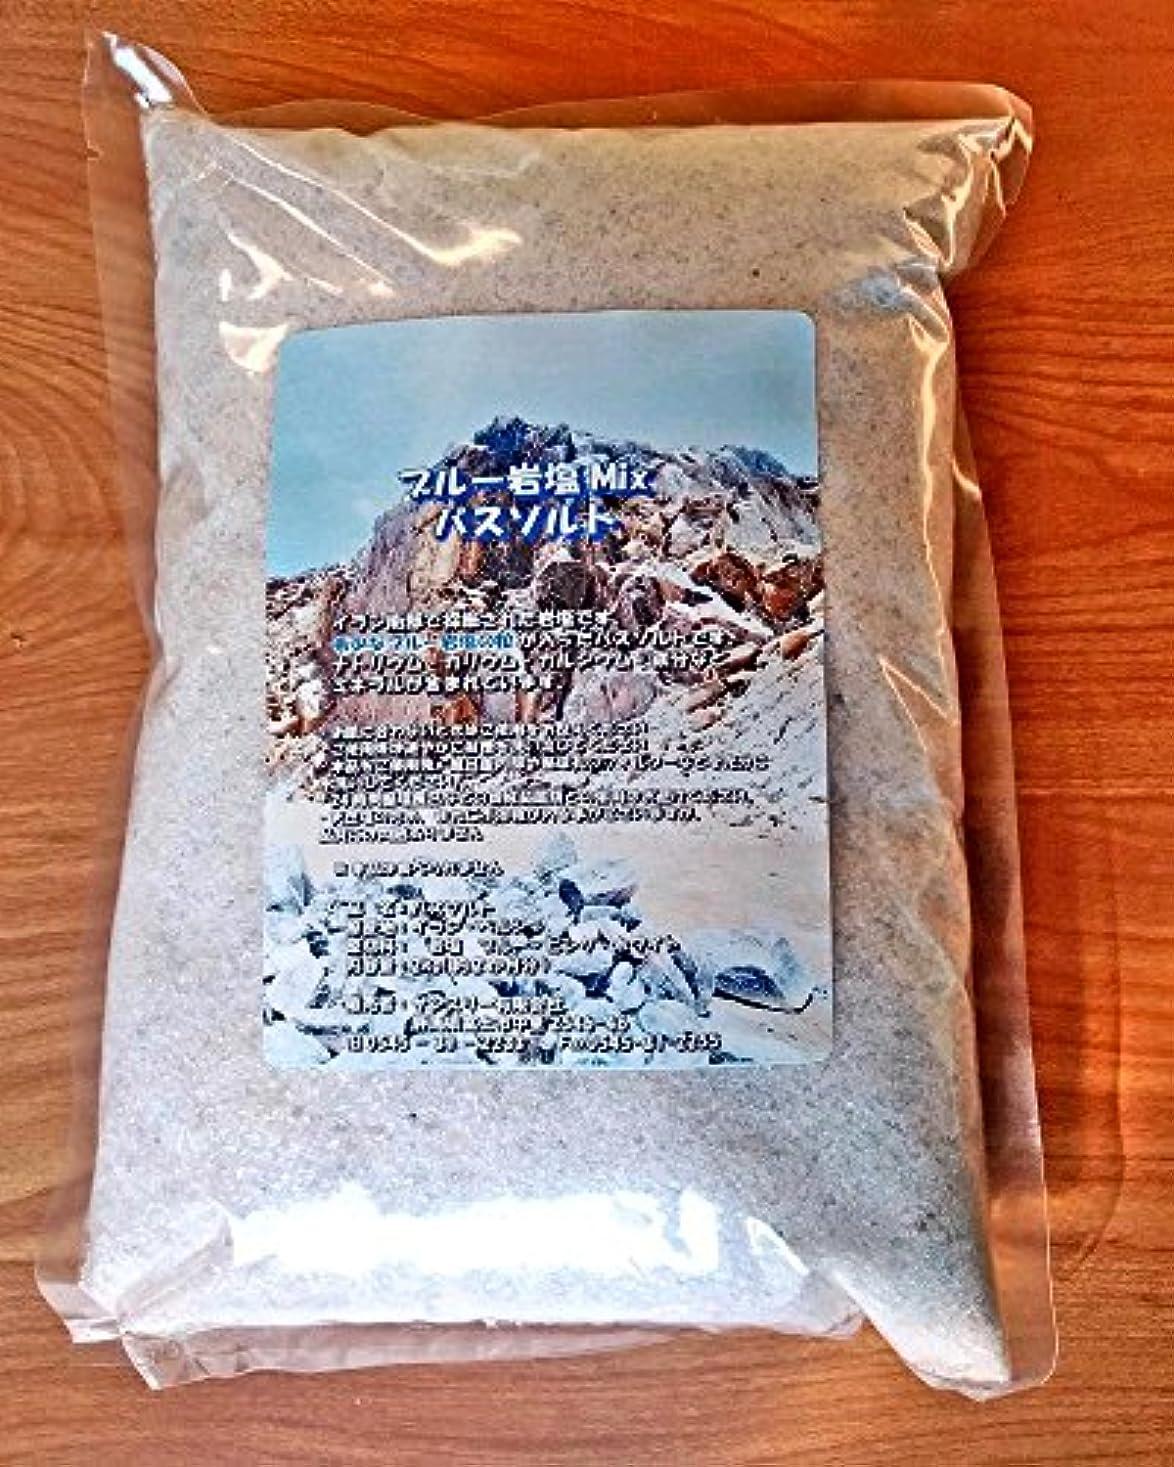 囲む暴徒異常なブルー岩塩Mixバスソルト2kg